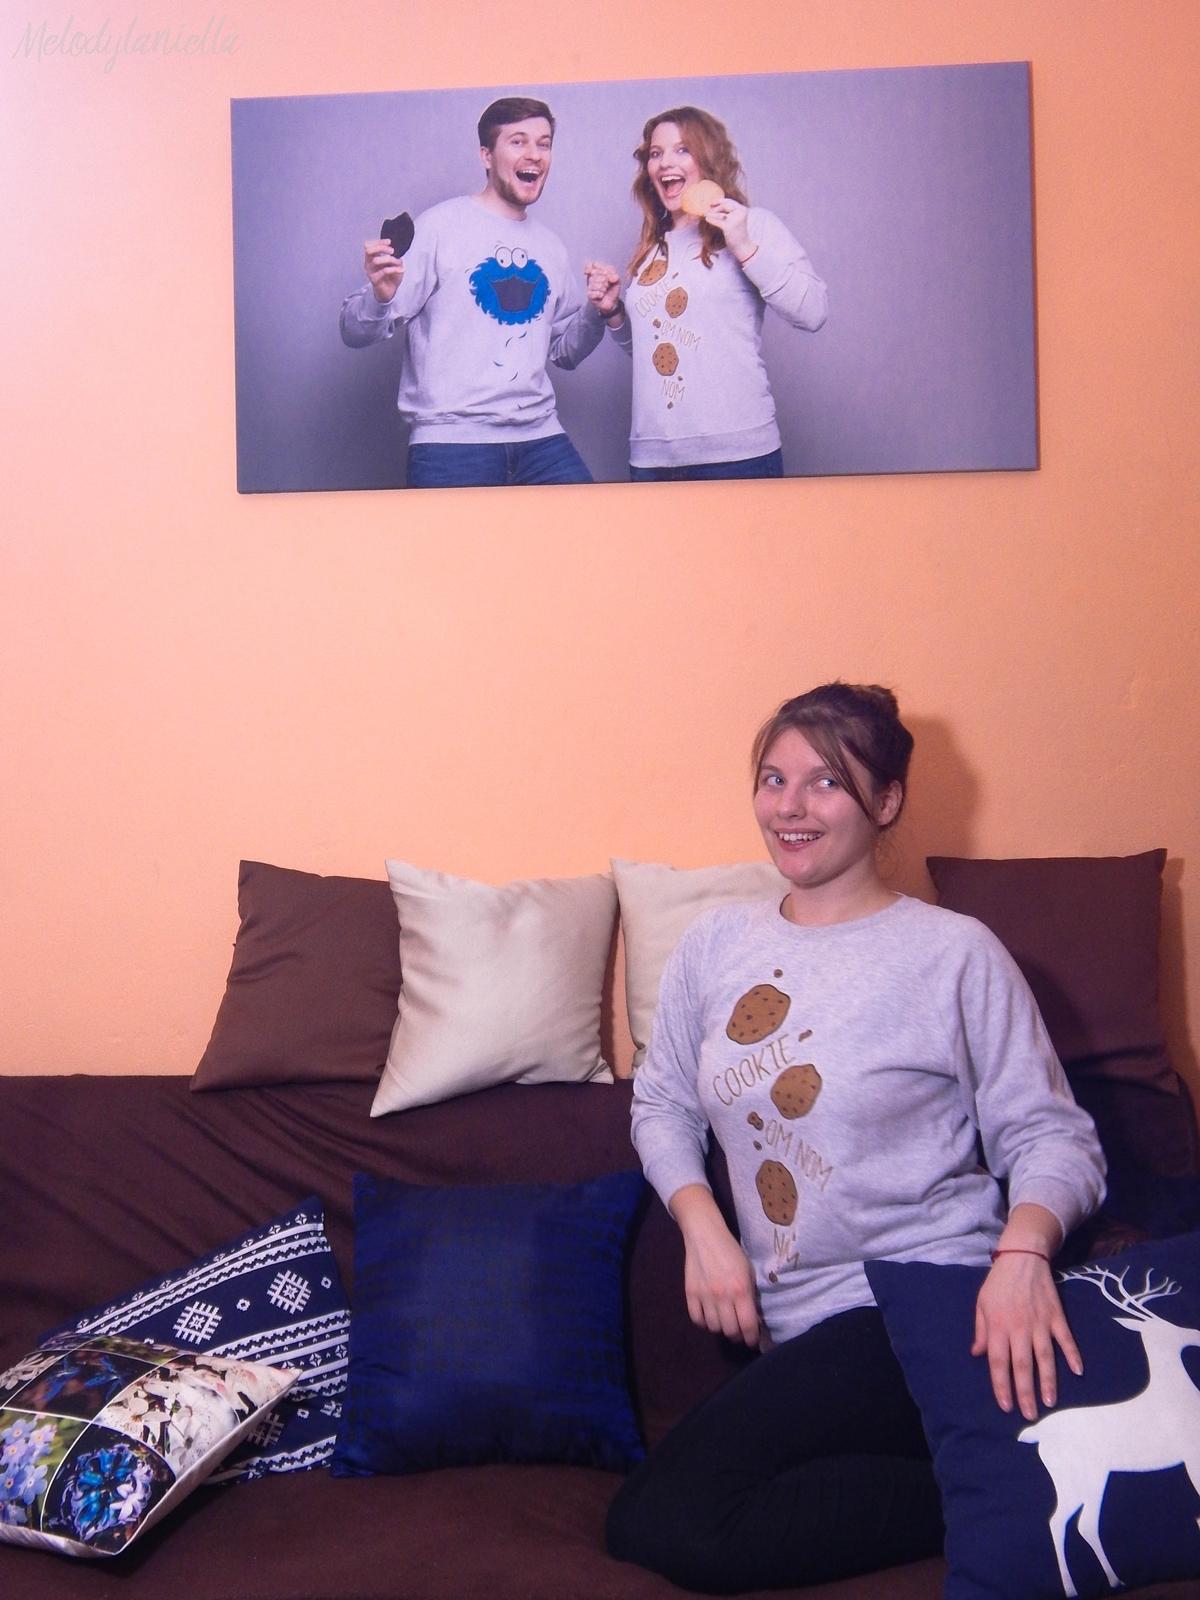 fotoobraz dekoracja do salonu pokoj wystroj wnetrz fotoobraz na plotnie melodylaniella foto4u fotoobraz z wlasnym nadrukiem